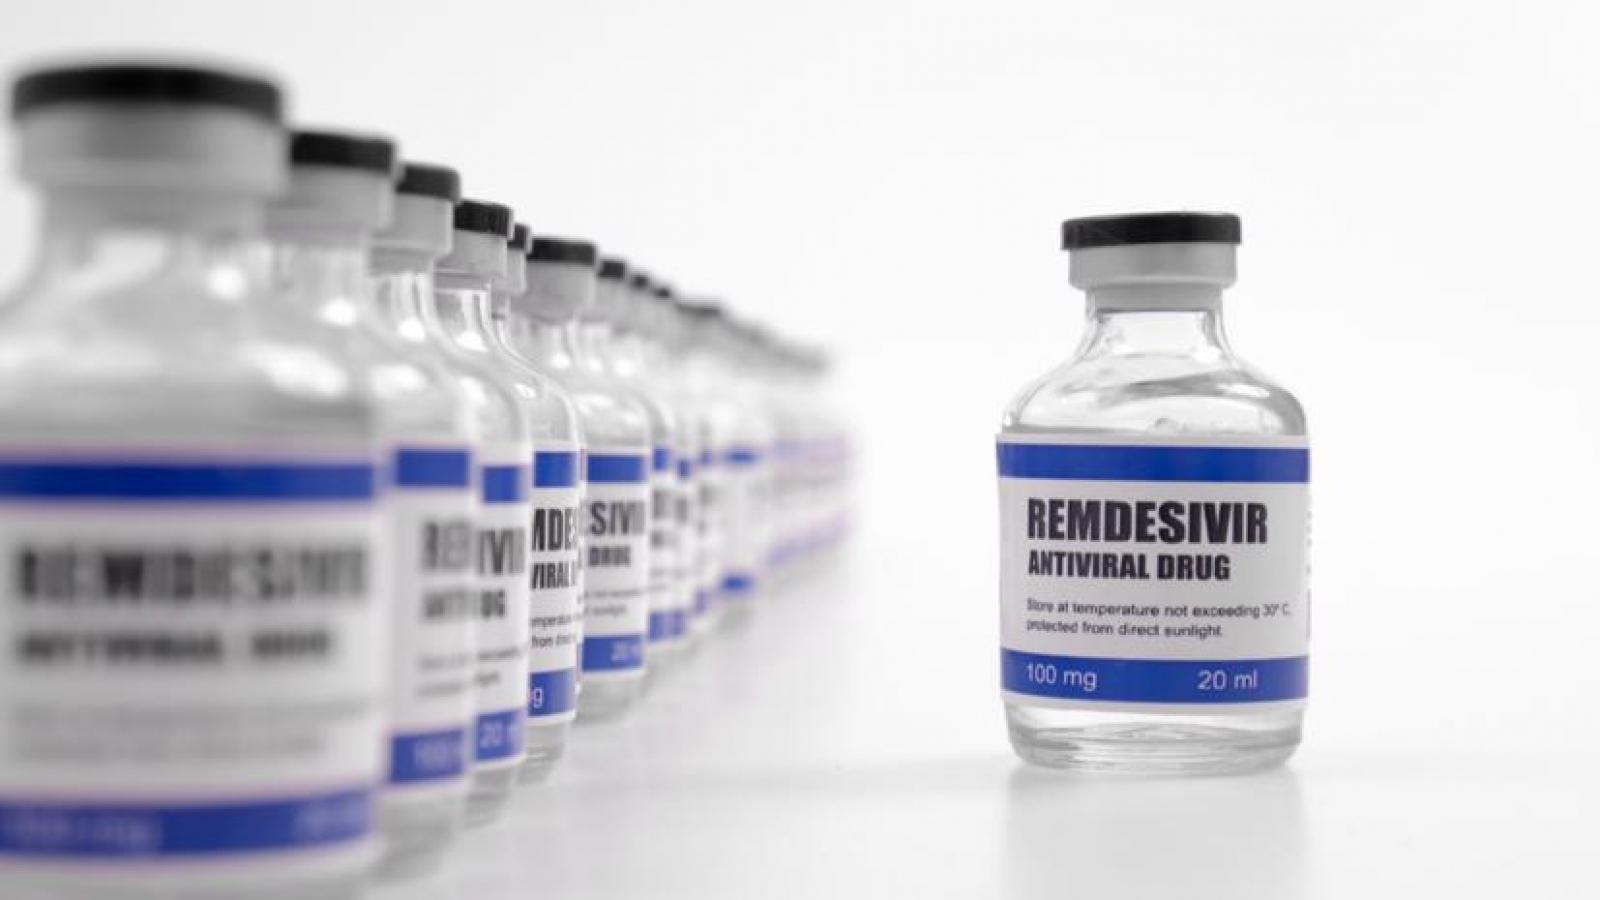 FDA-licensed Remdesivir to be used in Vietnam soon